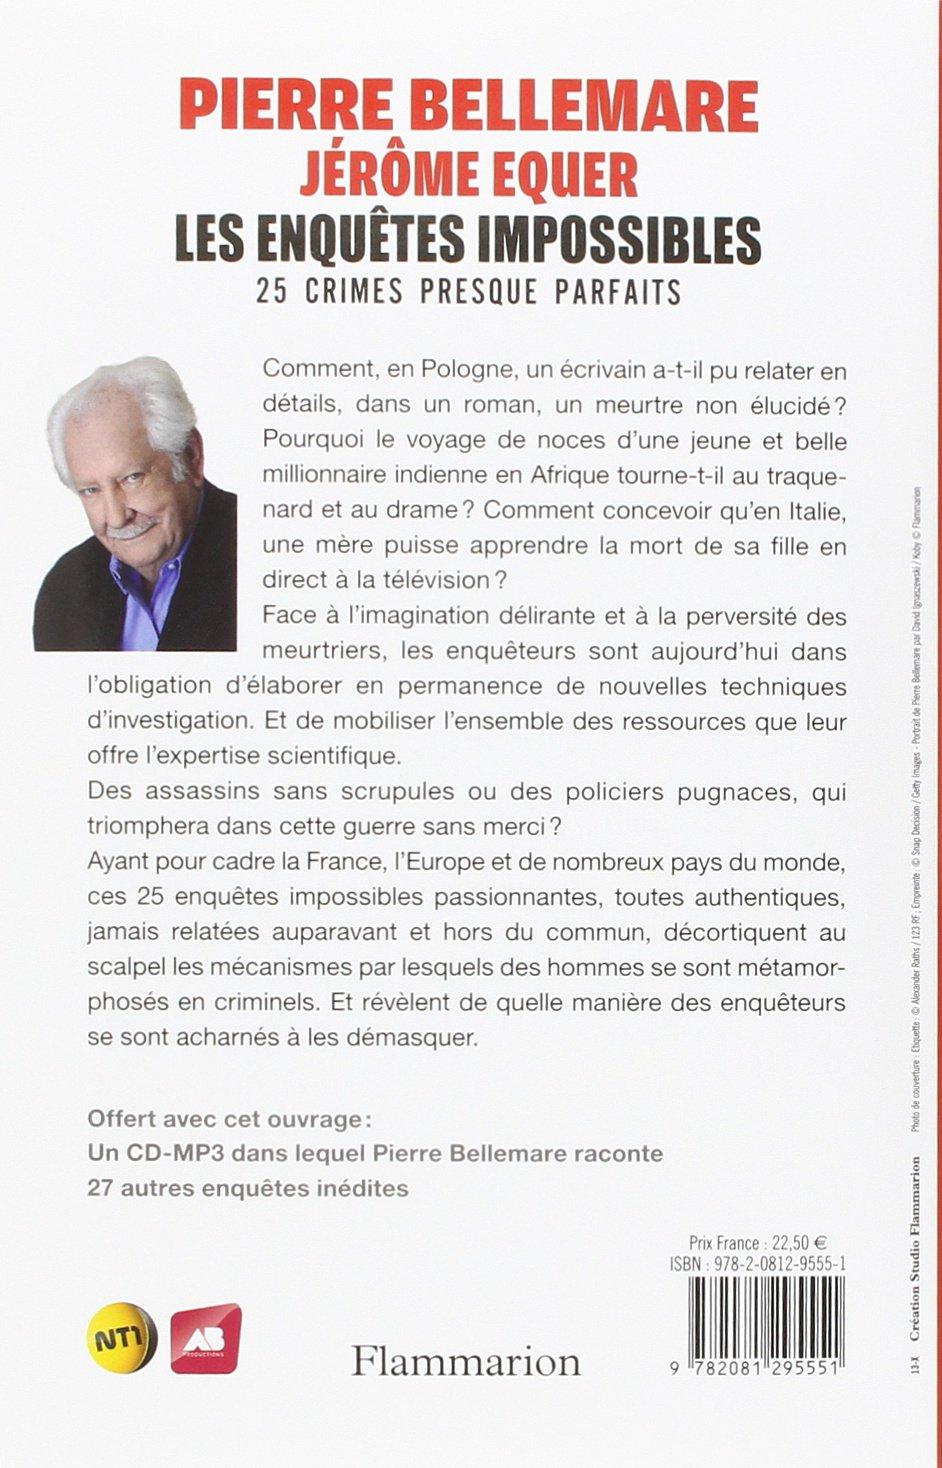 BELLEMARE GRATUIT TÉLÉCHARGER GRATUIT HISTOIRE PIERRE MP3